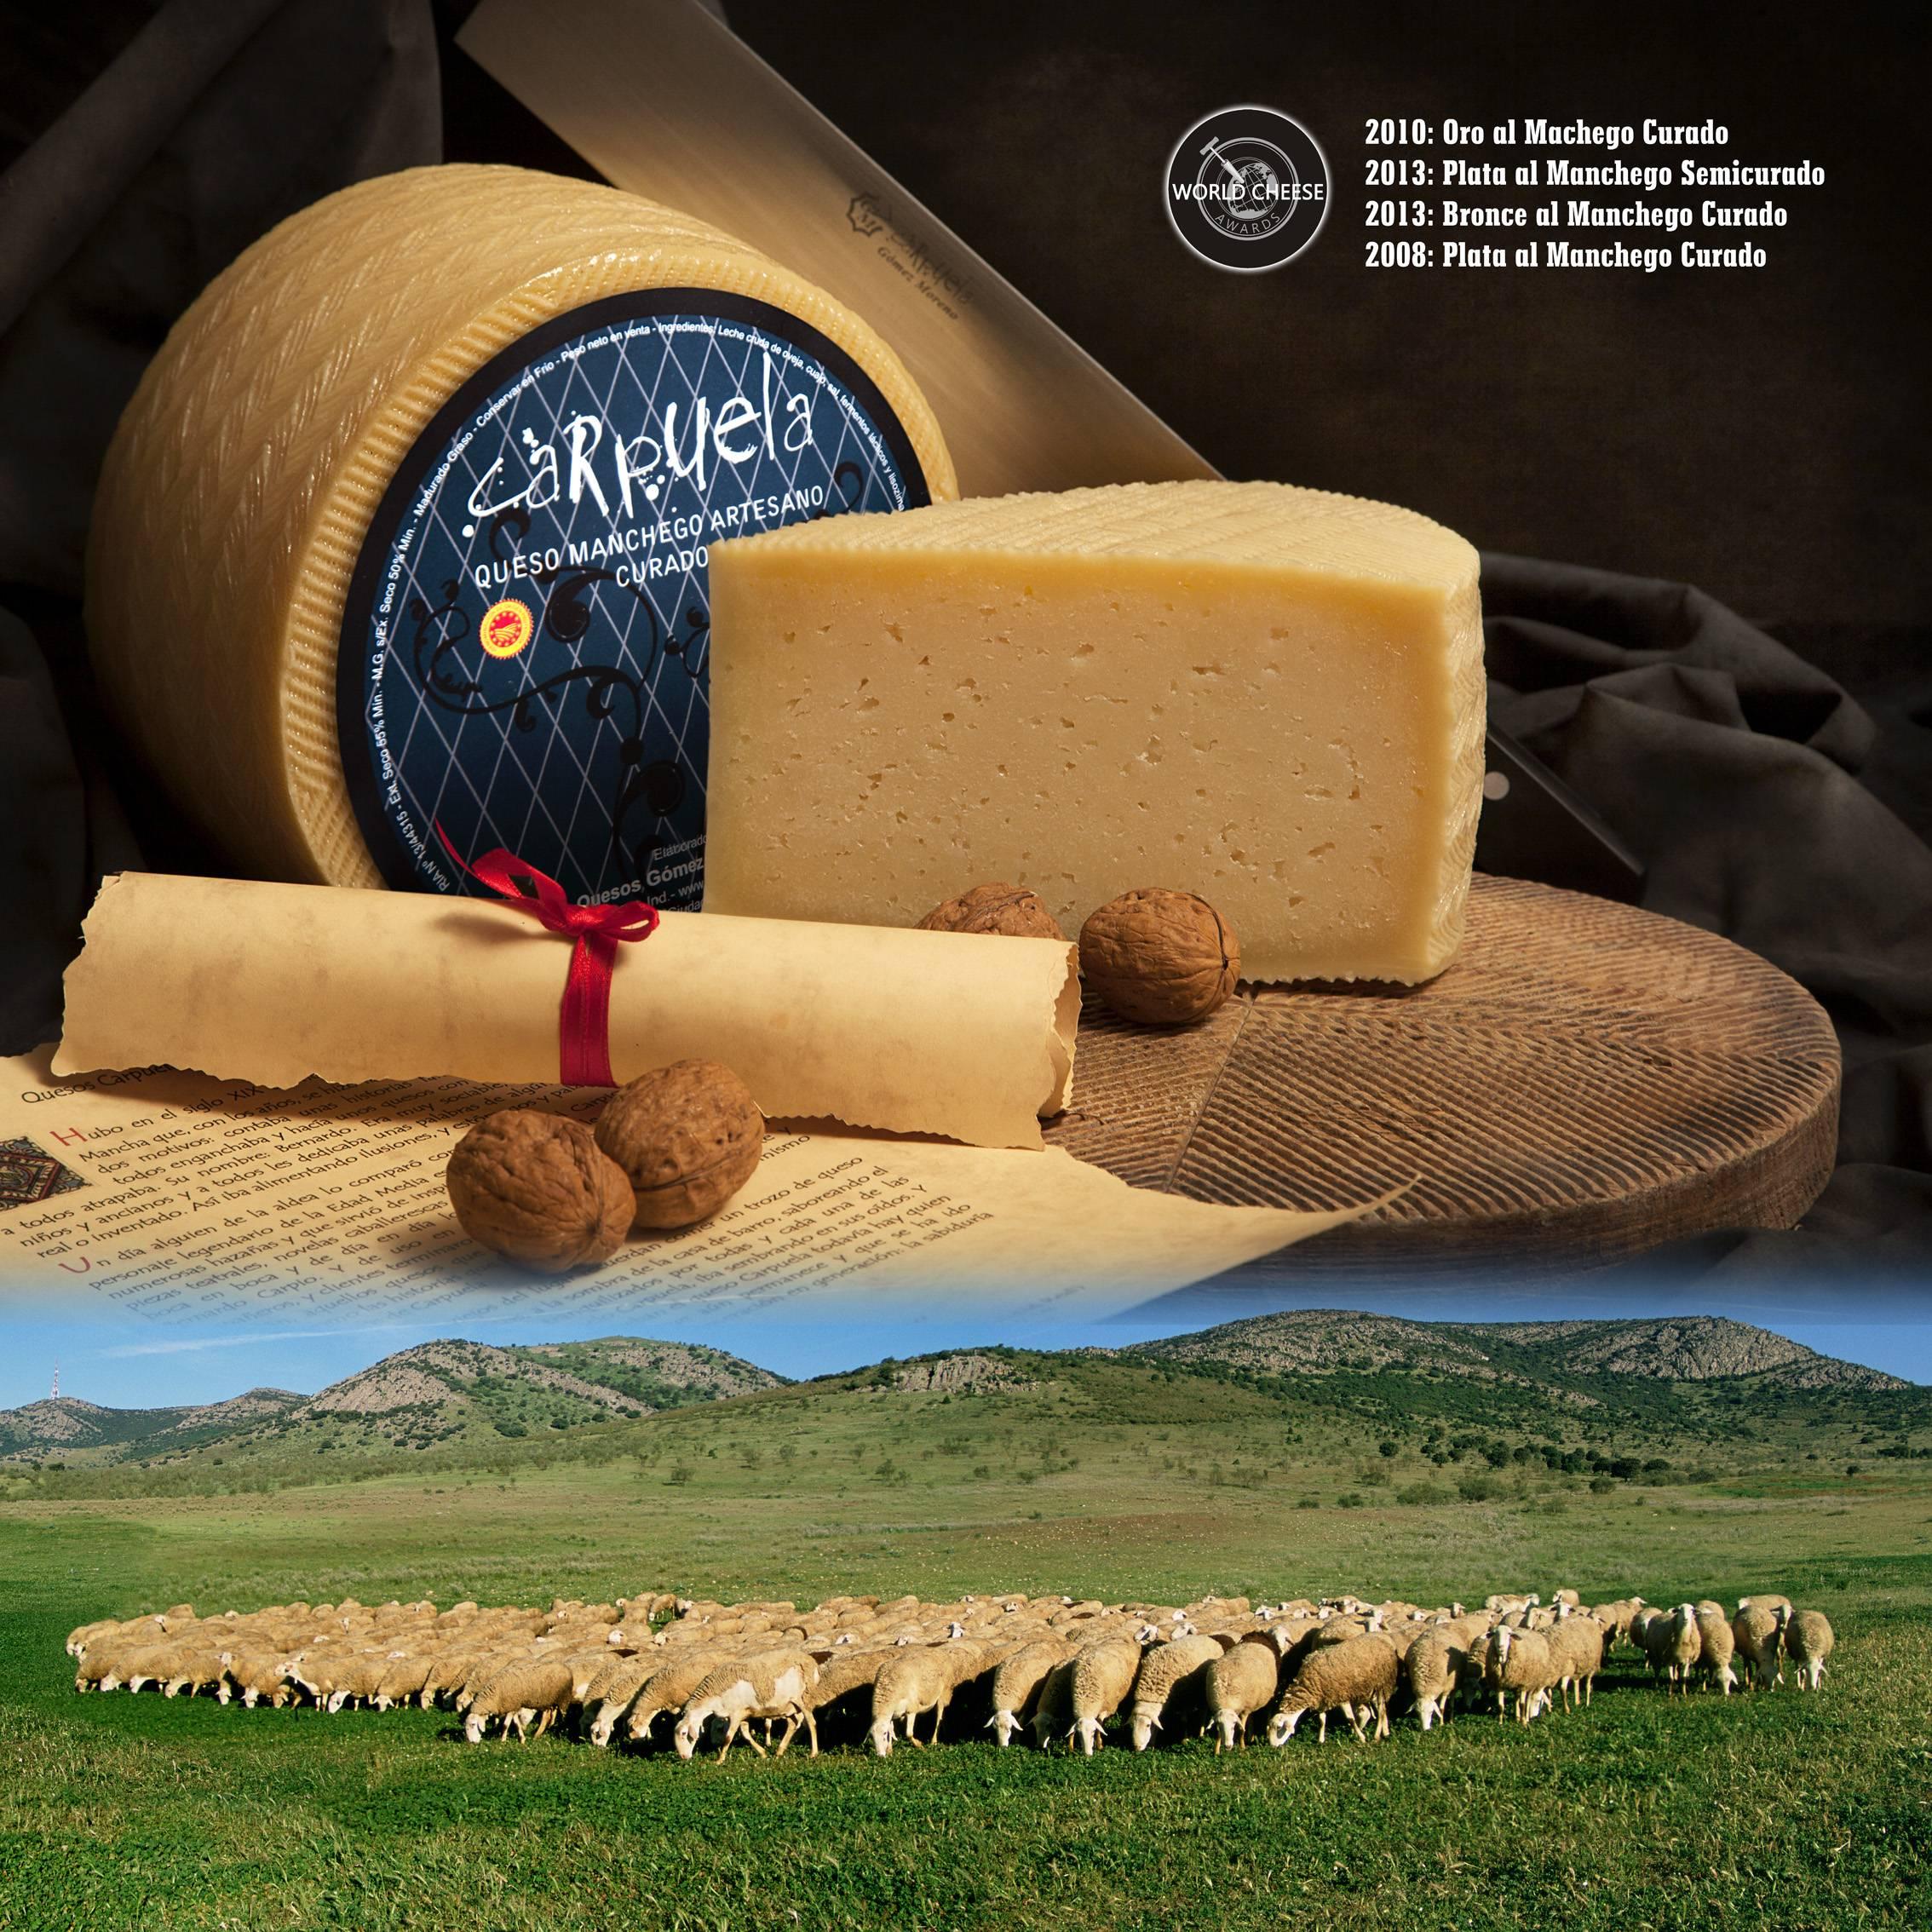 poster quesos gomez moreno en Herencia - Quesos Gómez Moreno premiado en el International Cheese  Awards 2019